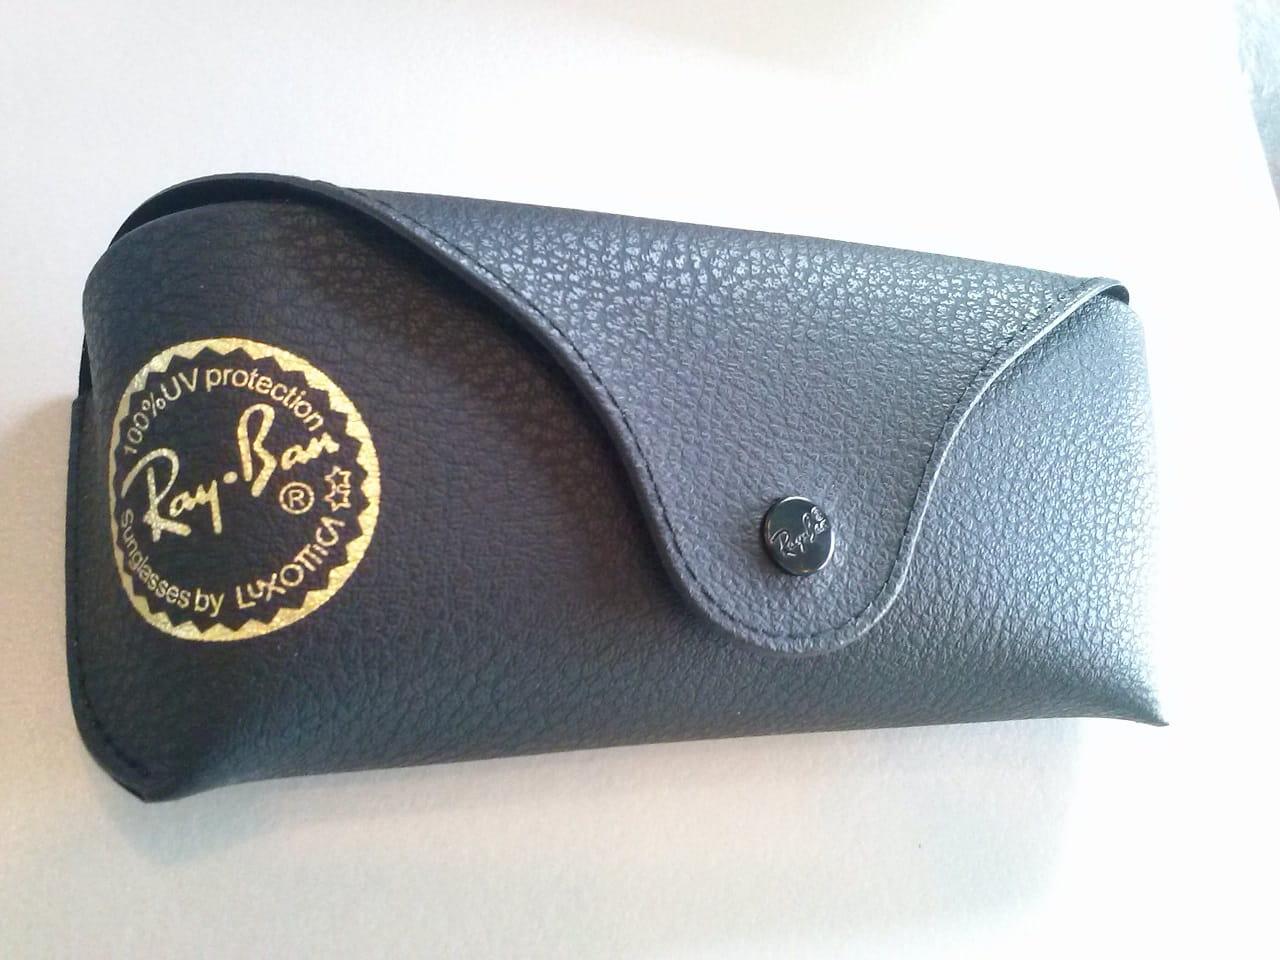 Etui Ray-Ban do okularów przeciwsłonecznych (czarne) SKLEP.OKULARNIK.COM 4ec90067e020